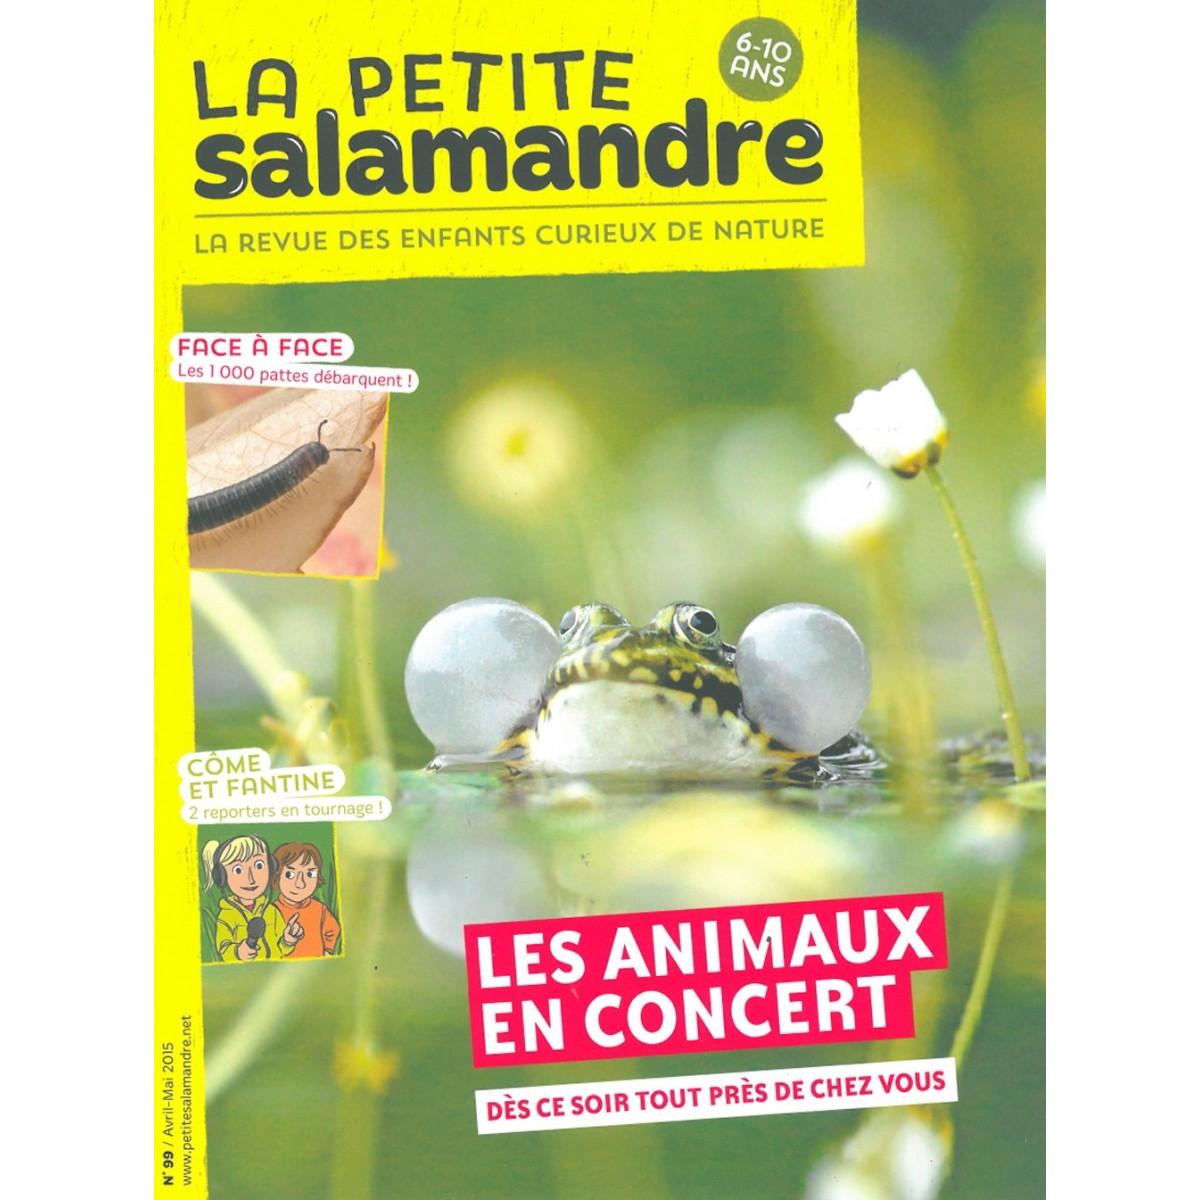 Salamandre cuisine pas cher fabulous salamandre - Salamandre cuisine occasion ...